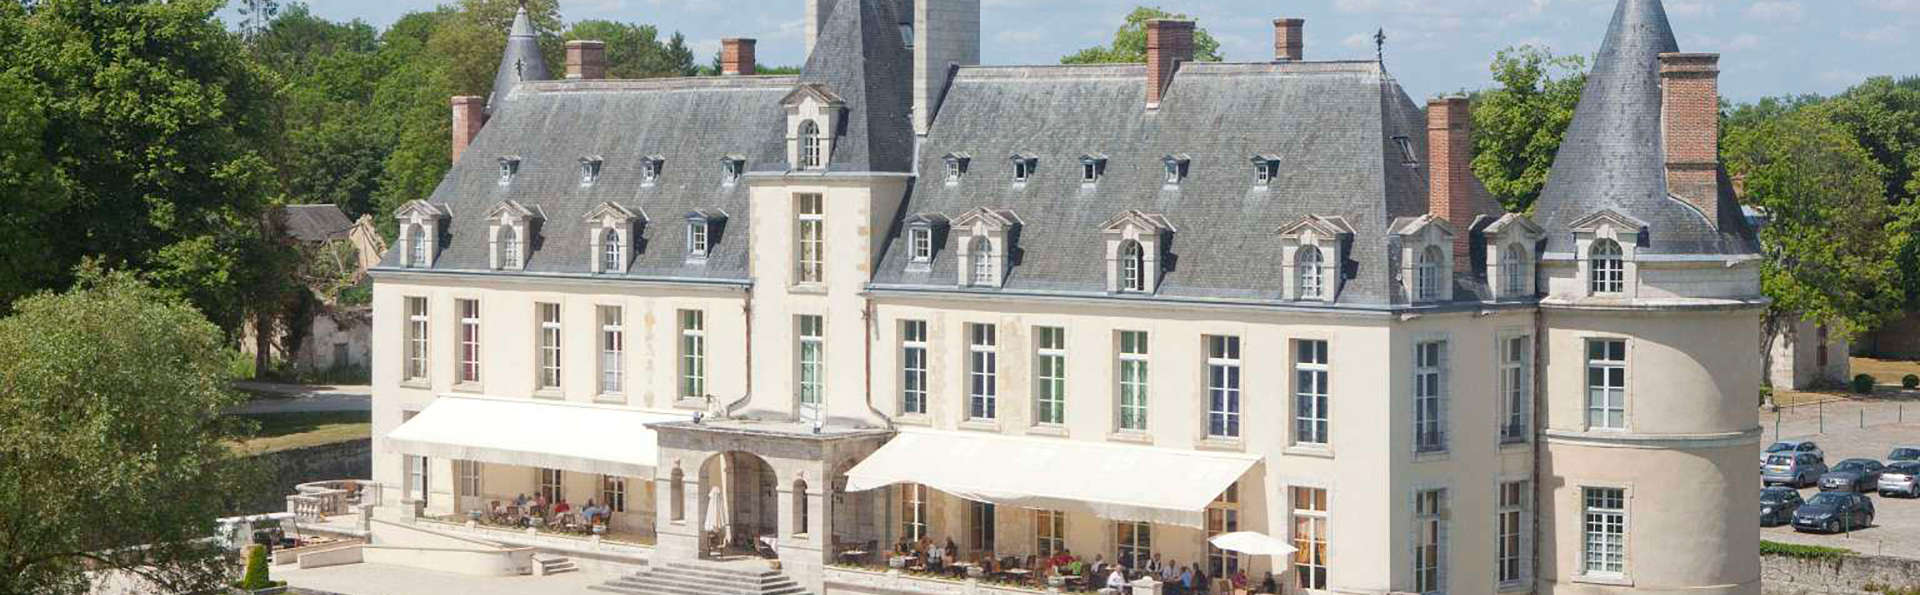 Château d'Augerville - edit_chateau-augerville-vues-aeriennes.jpg